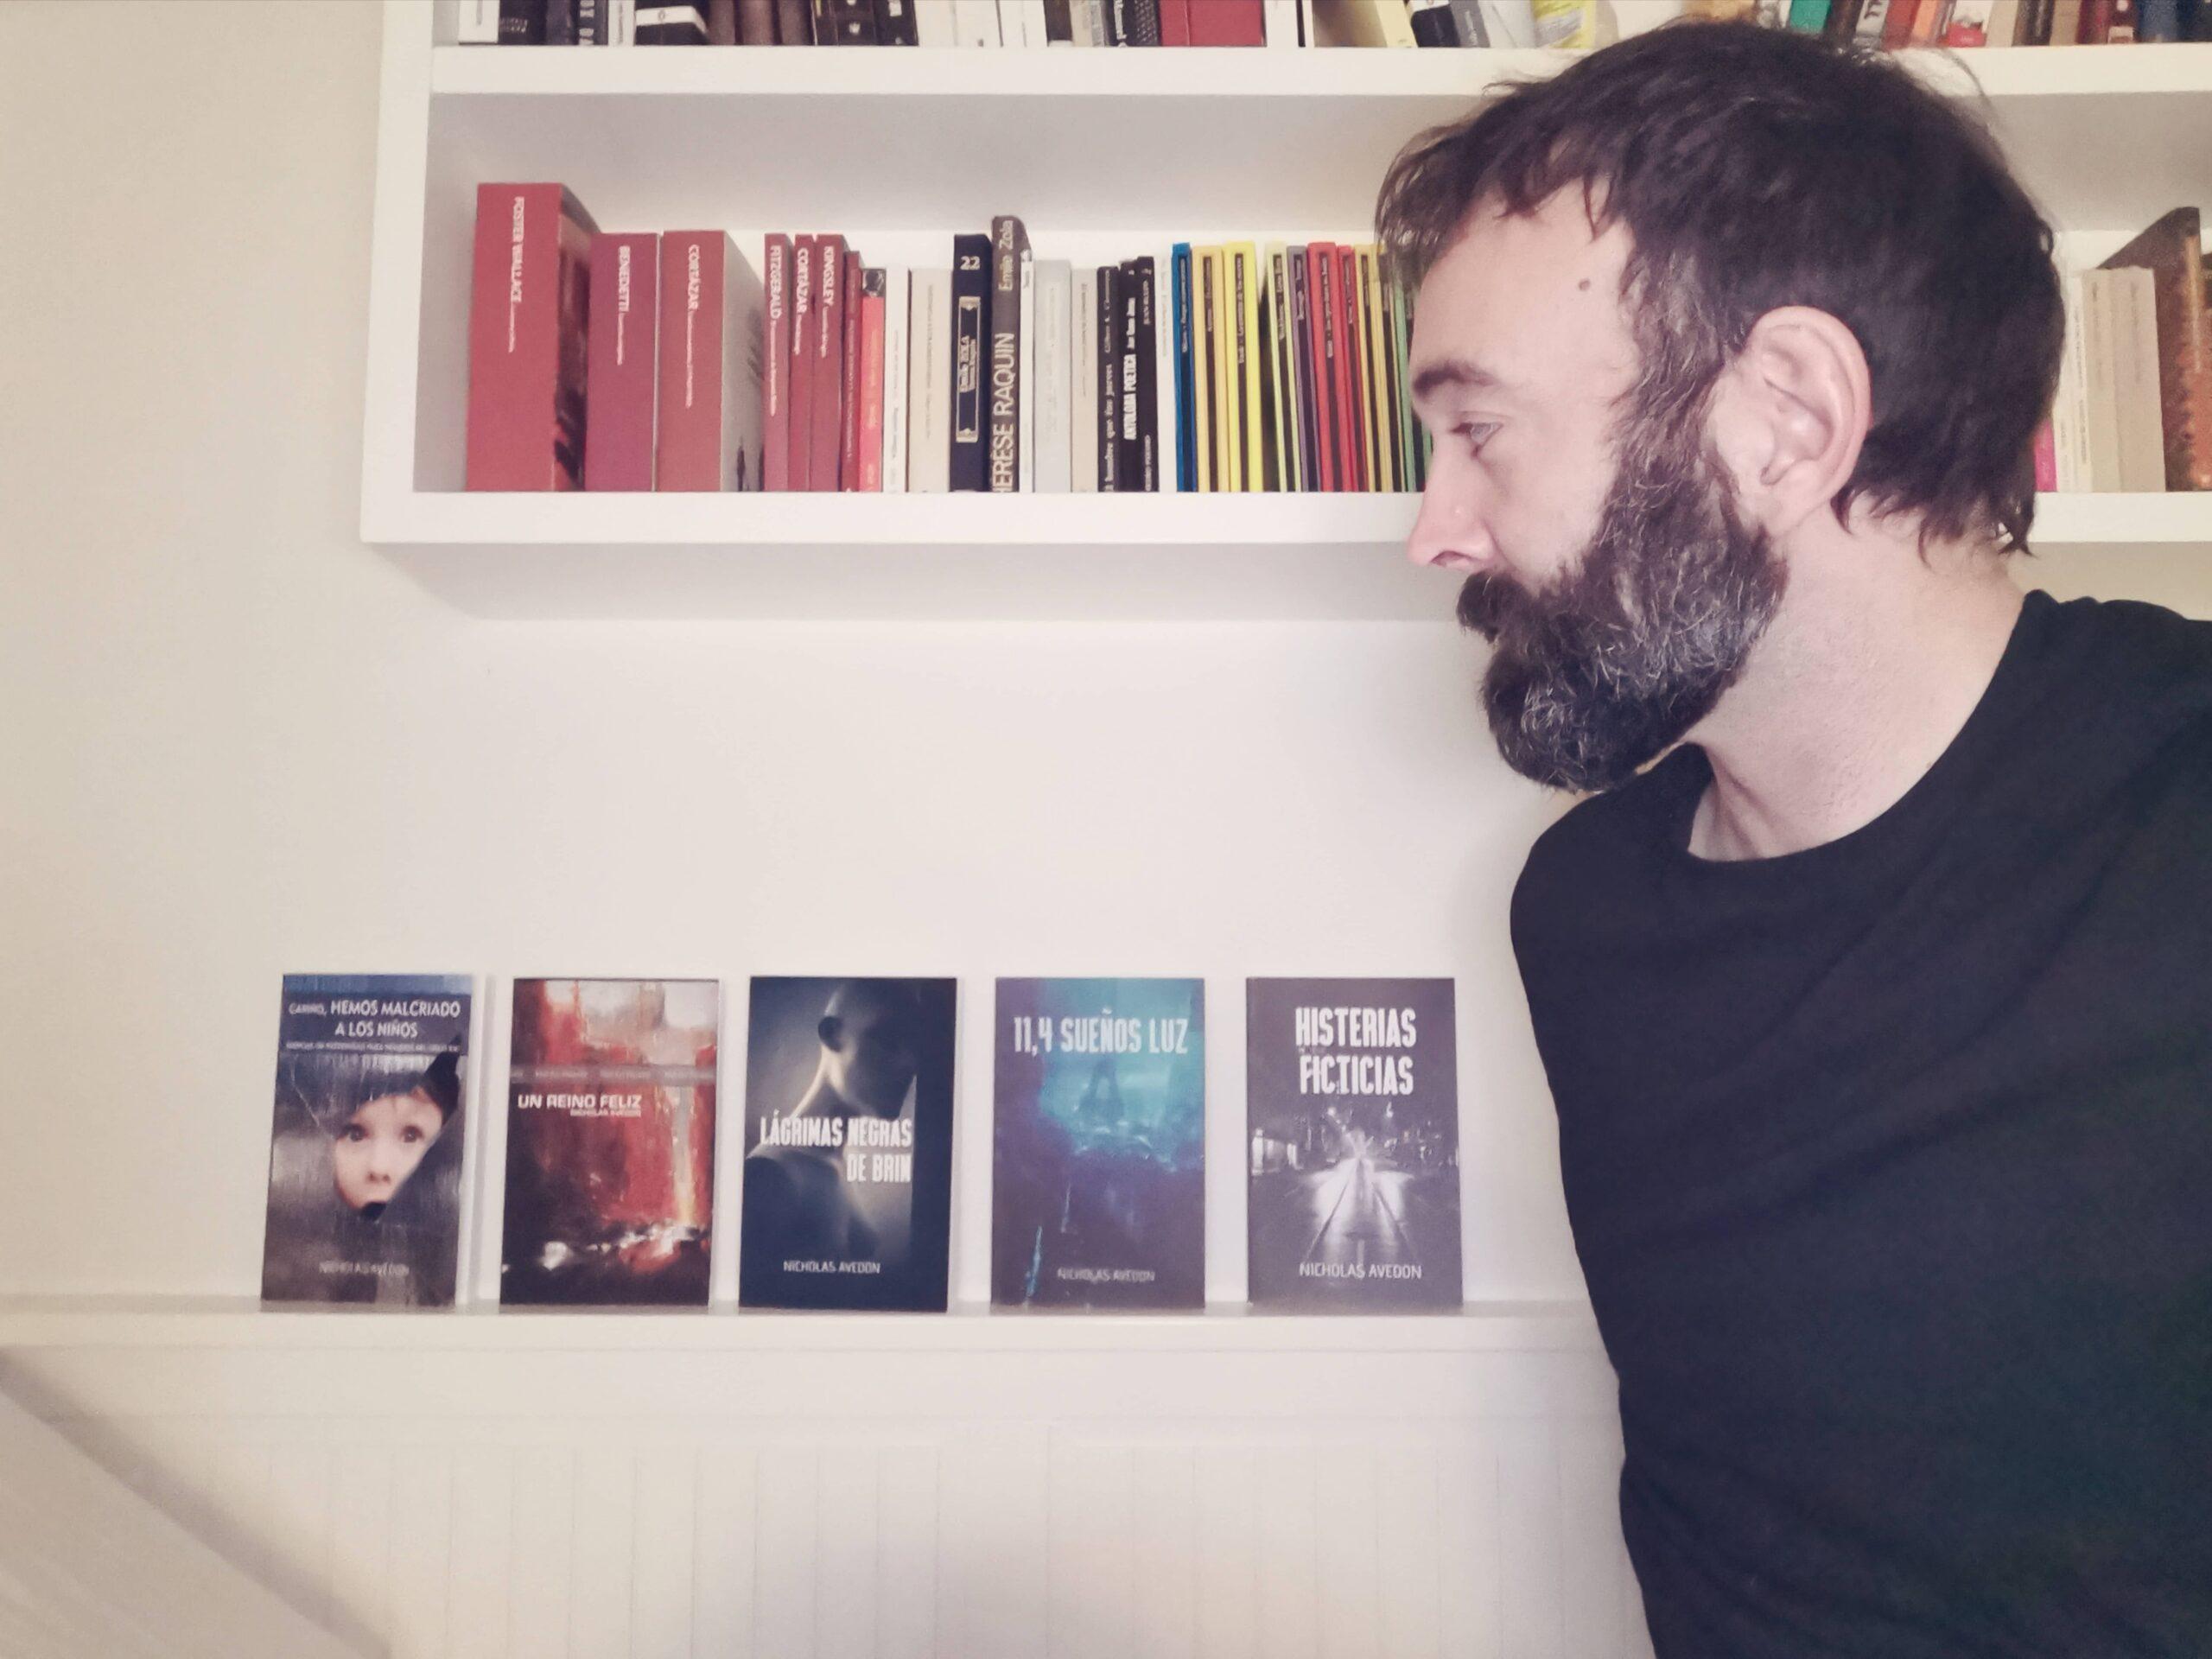 """Entrevista a Nicholas Avedon, autor de novelas de ciencia ficción """"11.4 años luz"""" y """"Lágrimas negras de Brin"""""""